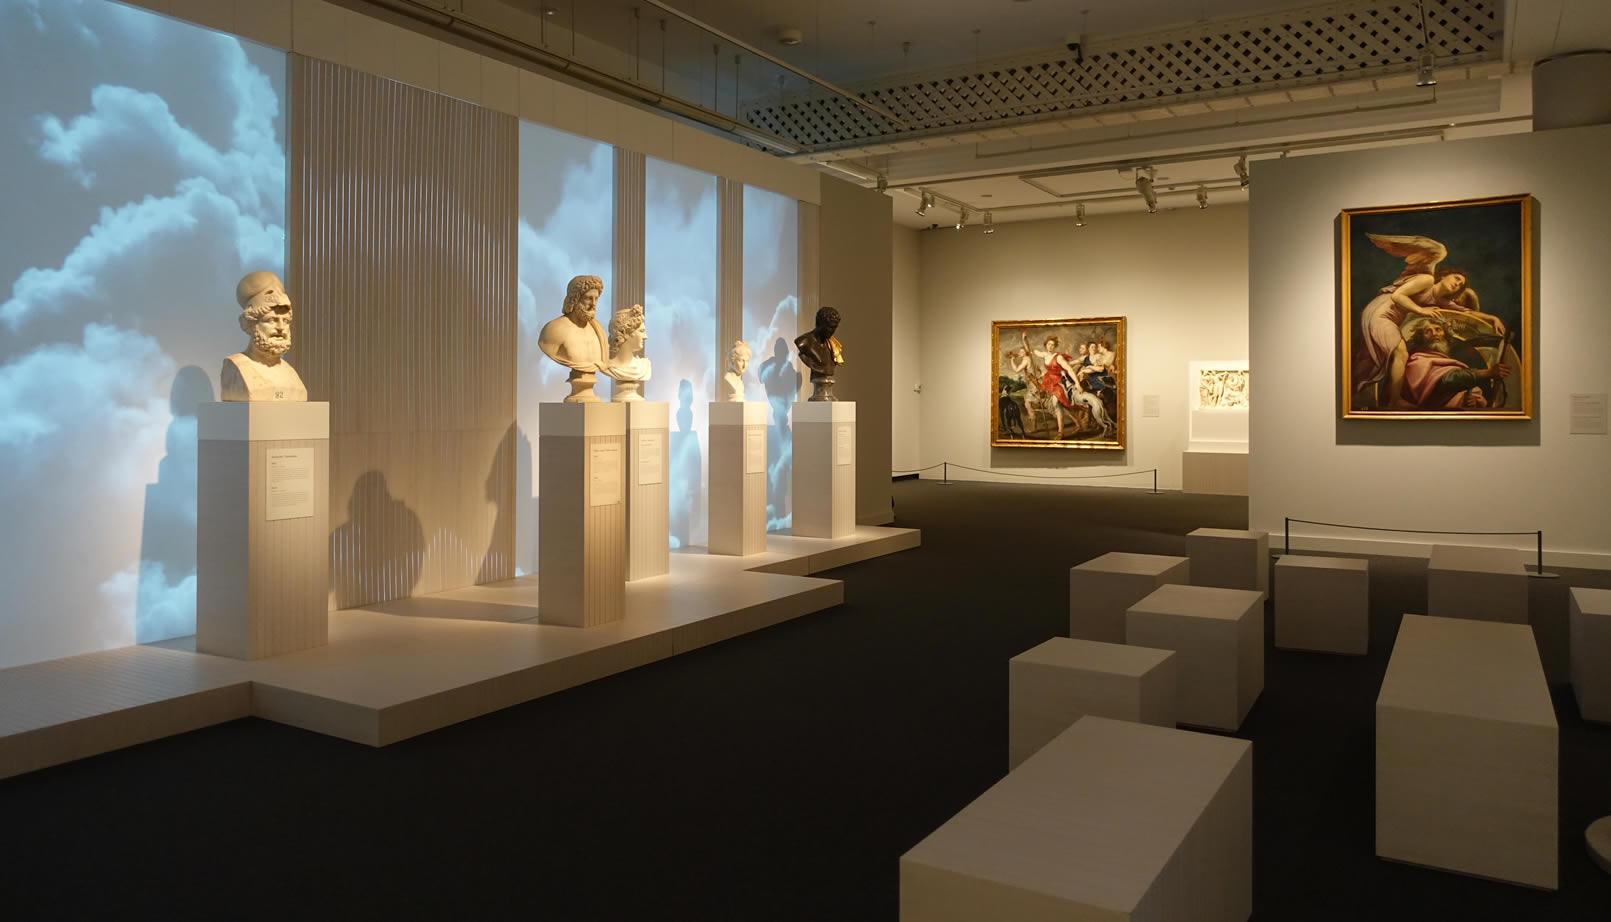 arte-y-mito-albert-vallverdu-disseny-caixaforum-palma-museo-del prado-2